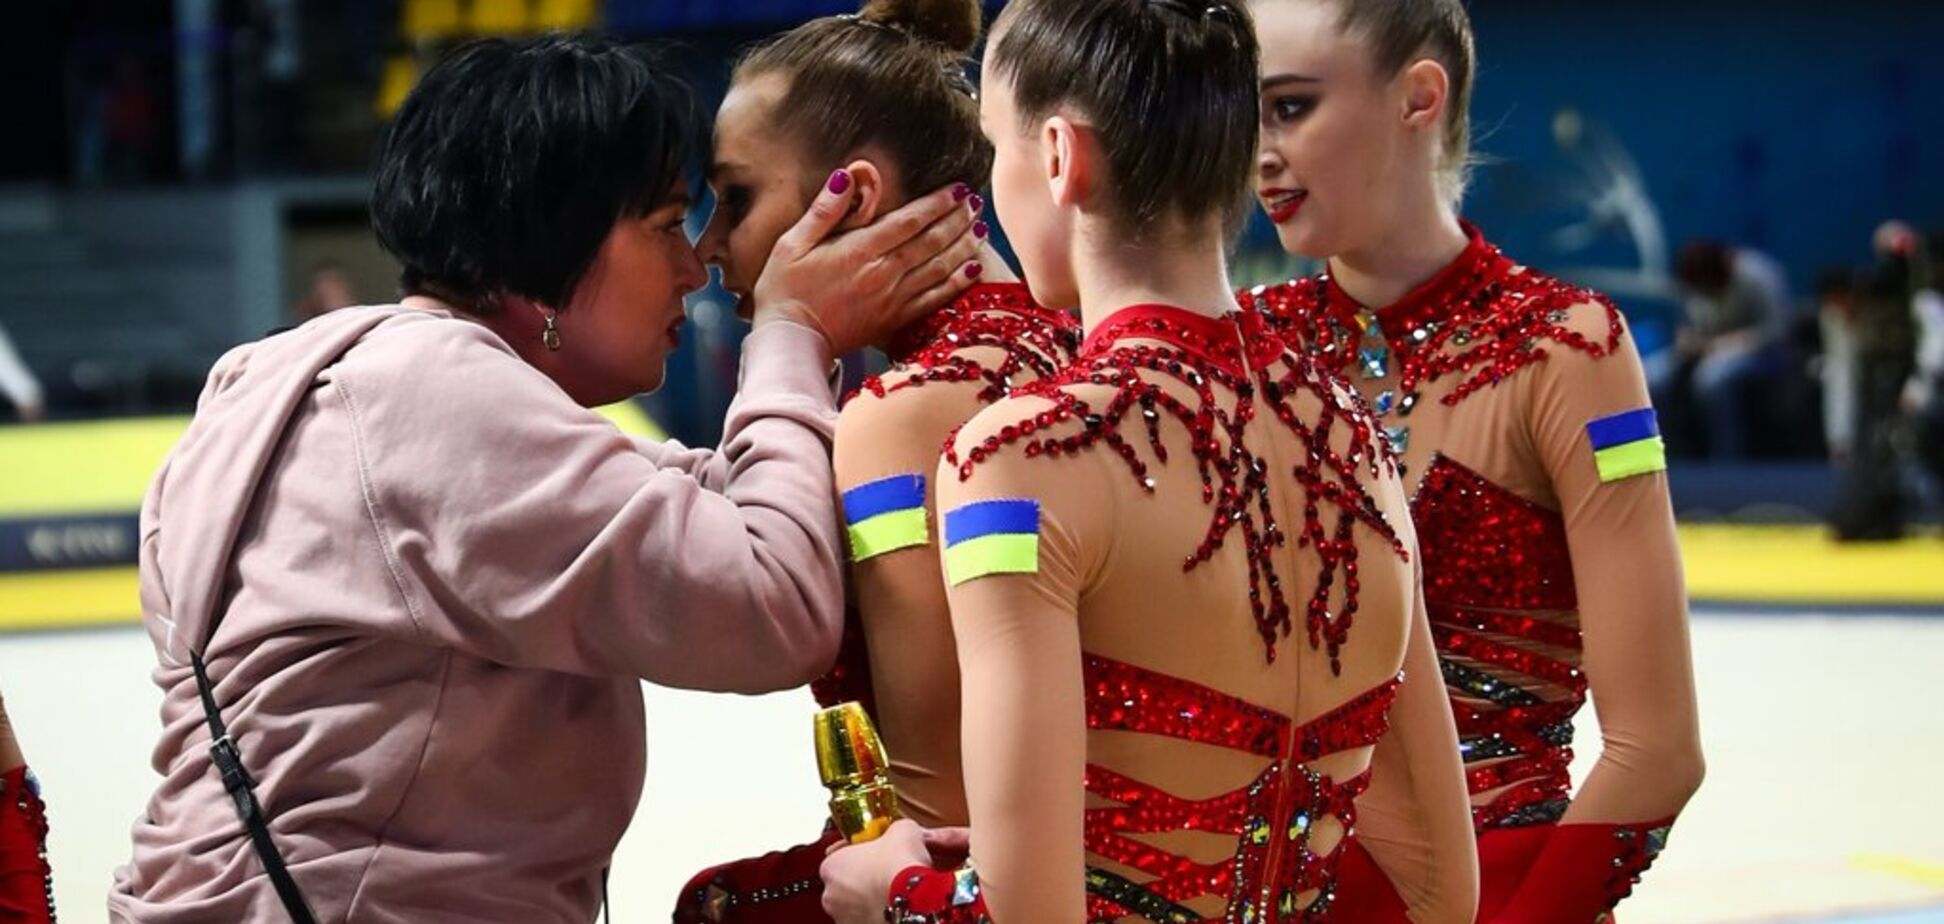 'У всех шок': Дерюгина рассказала о диверсии в украинском спорте перед Олимпиадой